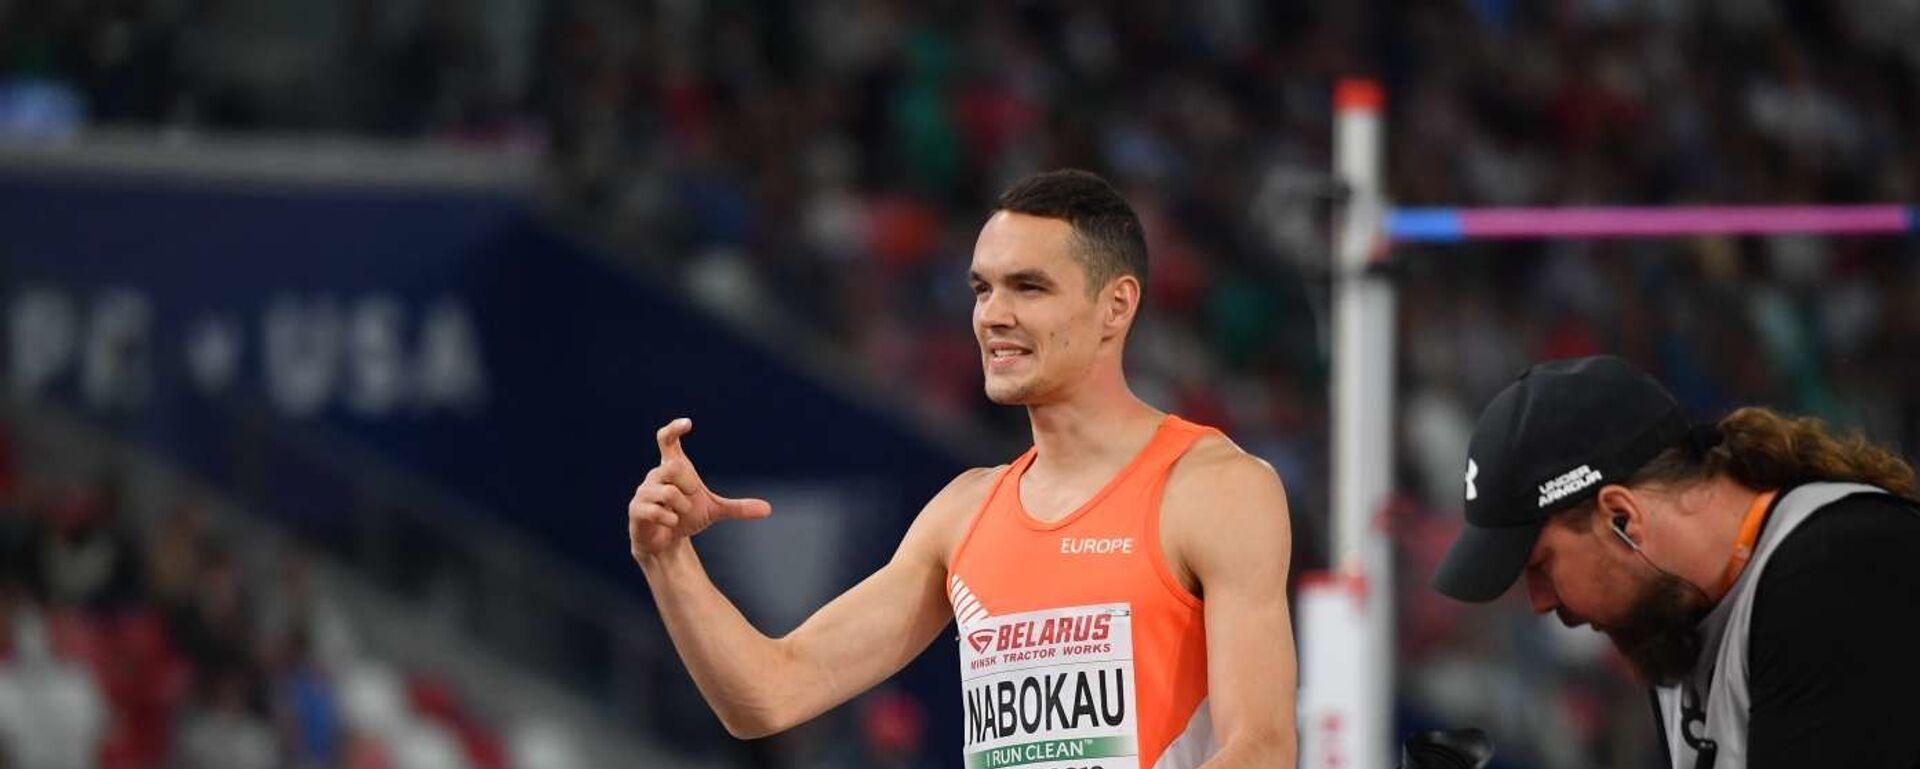 Белорусский легкоатлет Дмитрий Набоков - Sputnik Беларусь, 1920, 11.06.2021